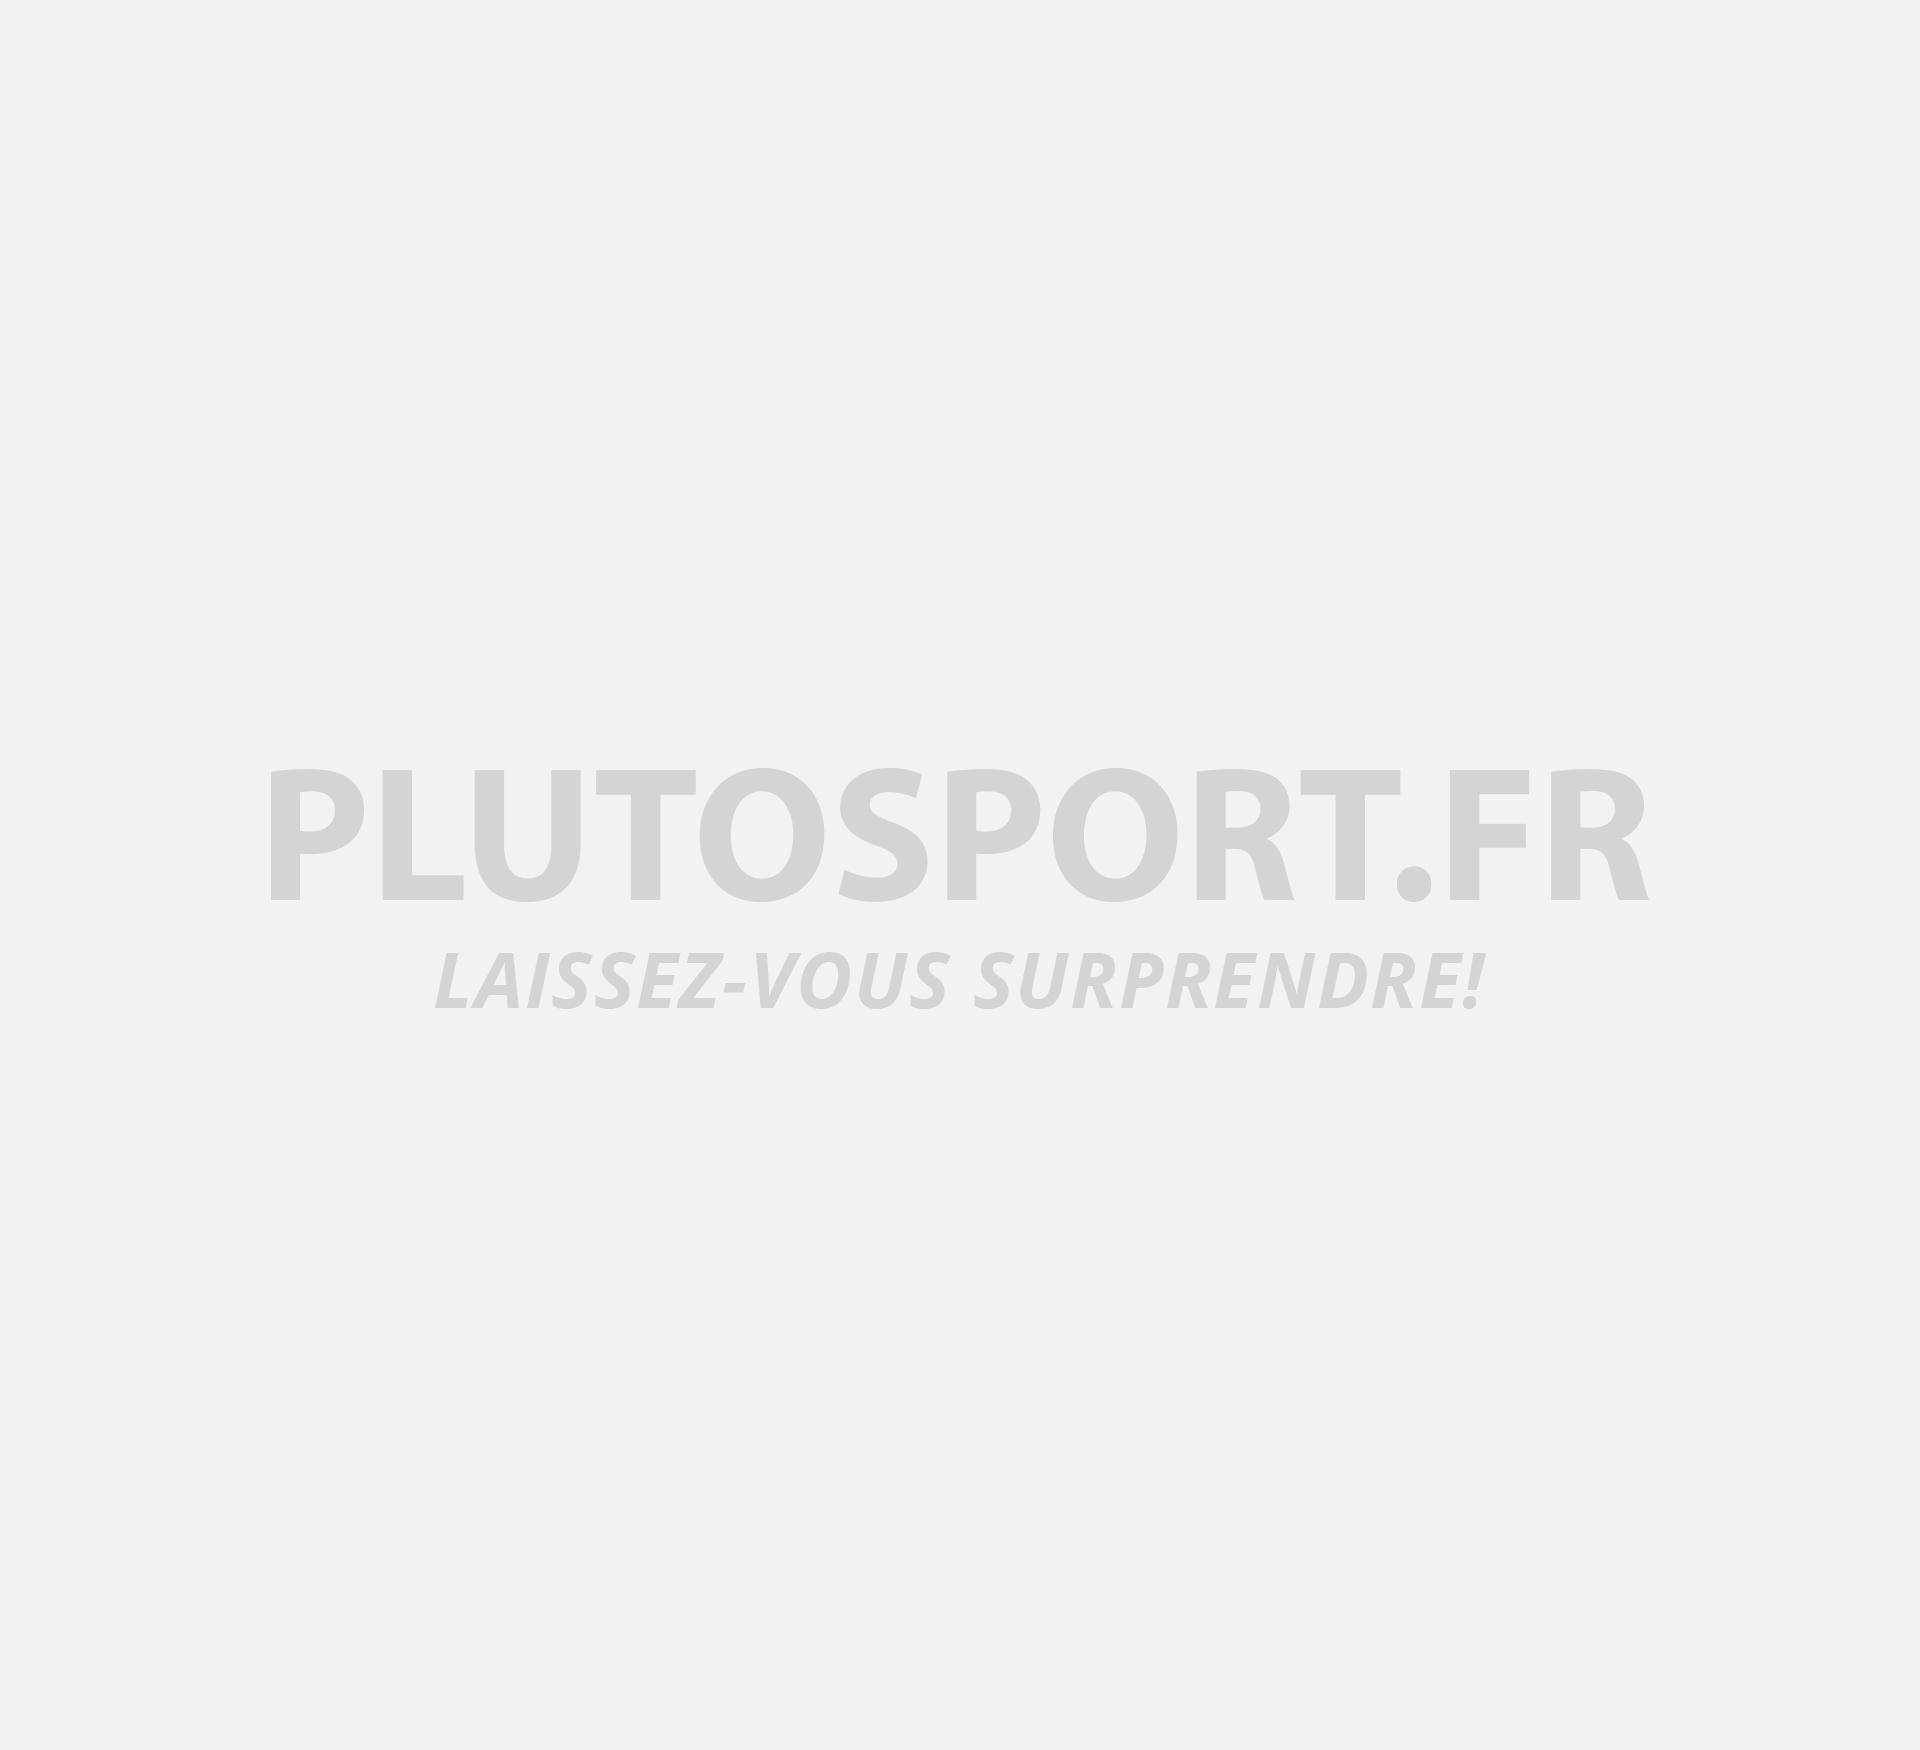 Ledlenser Jogging Hoofdlamp NEO 6